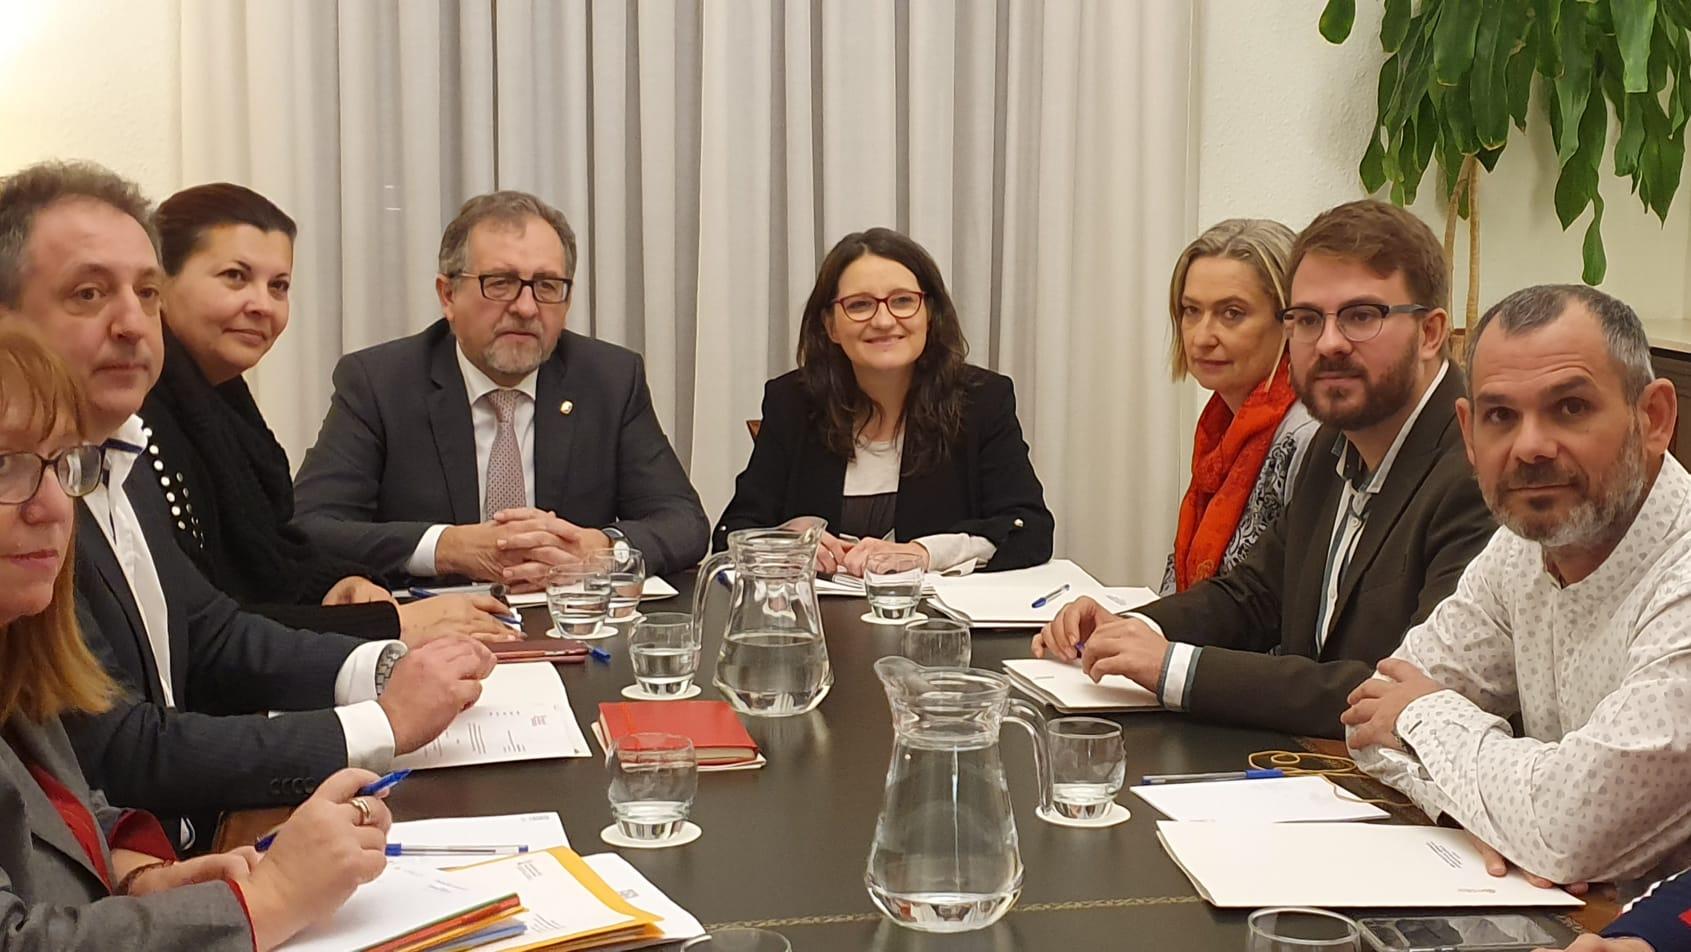 Igualdad y la Diputación de Castellón firmarán un convenio marco en materia de infraestructuras, servicios sociales y competencias impropias